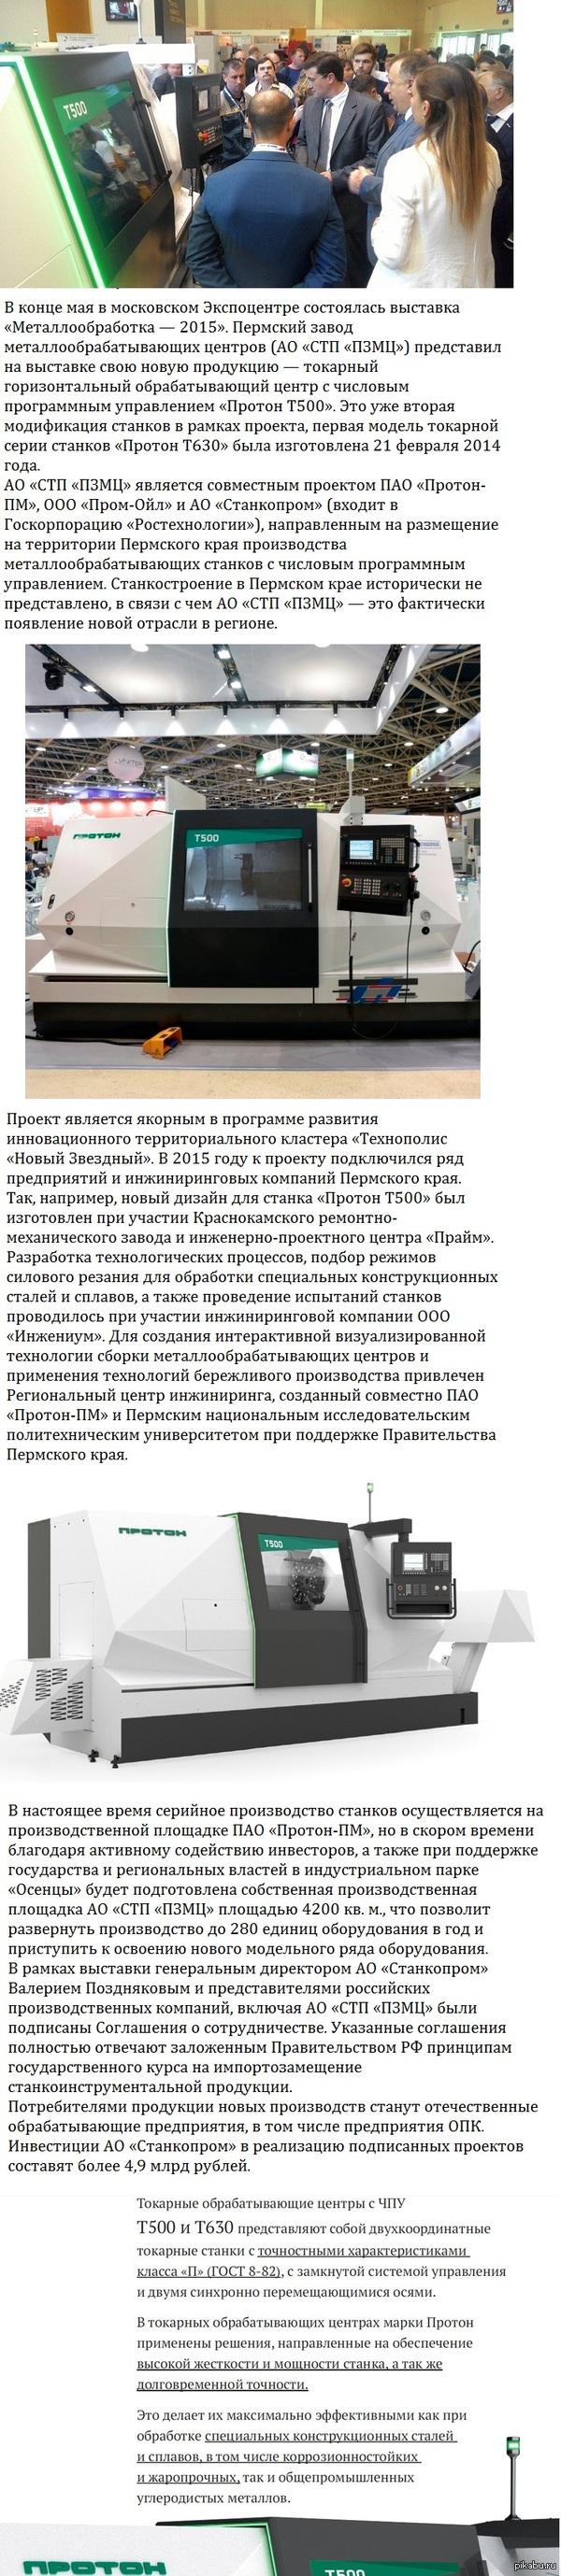 Пермский завод металлообрабатывающих центров представил станок «Протон Т500»